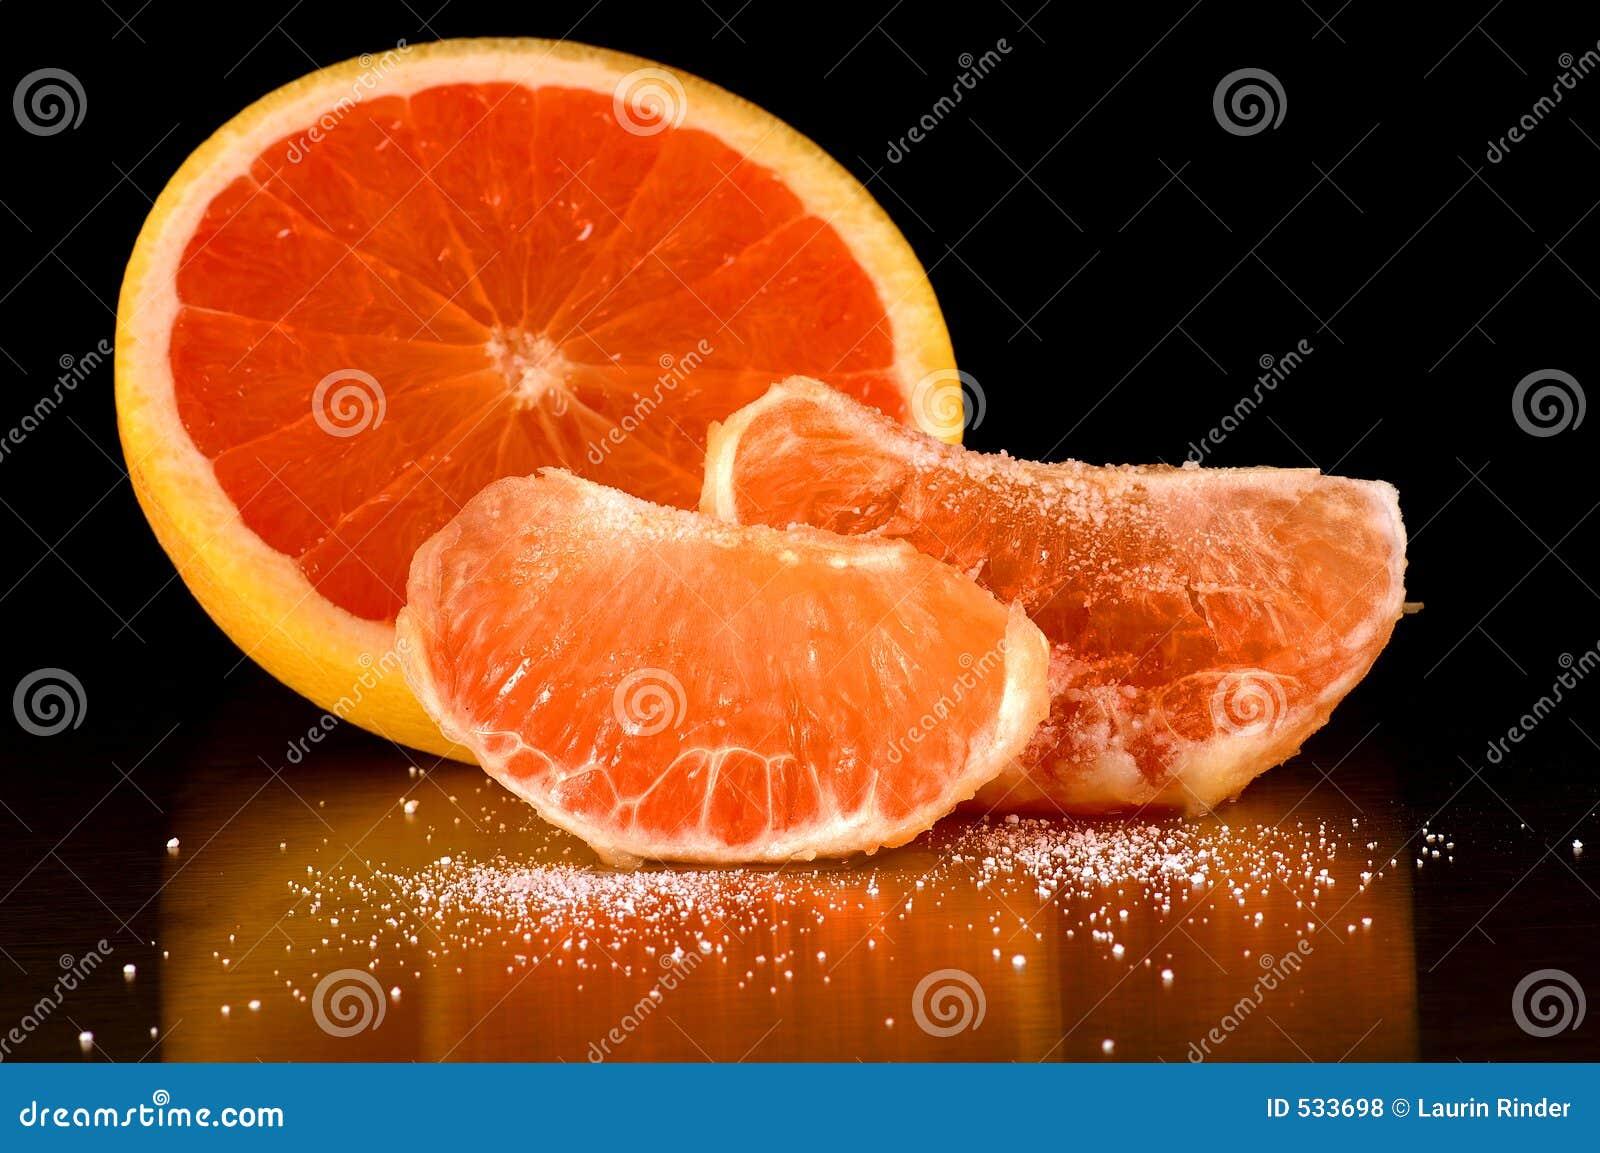 Download 葡萄柚粉红色 库存照片. 图片 包括有 沙漠, 养料, 饮食, 茶点, 刷新, 空白, 制动手, 食物, 问题的 - 533698